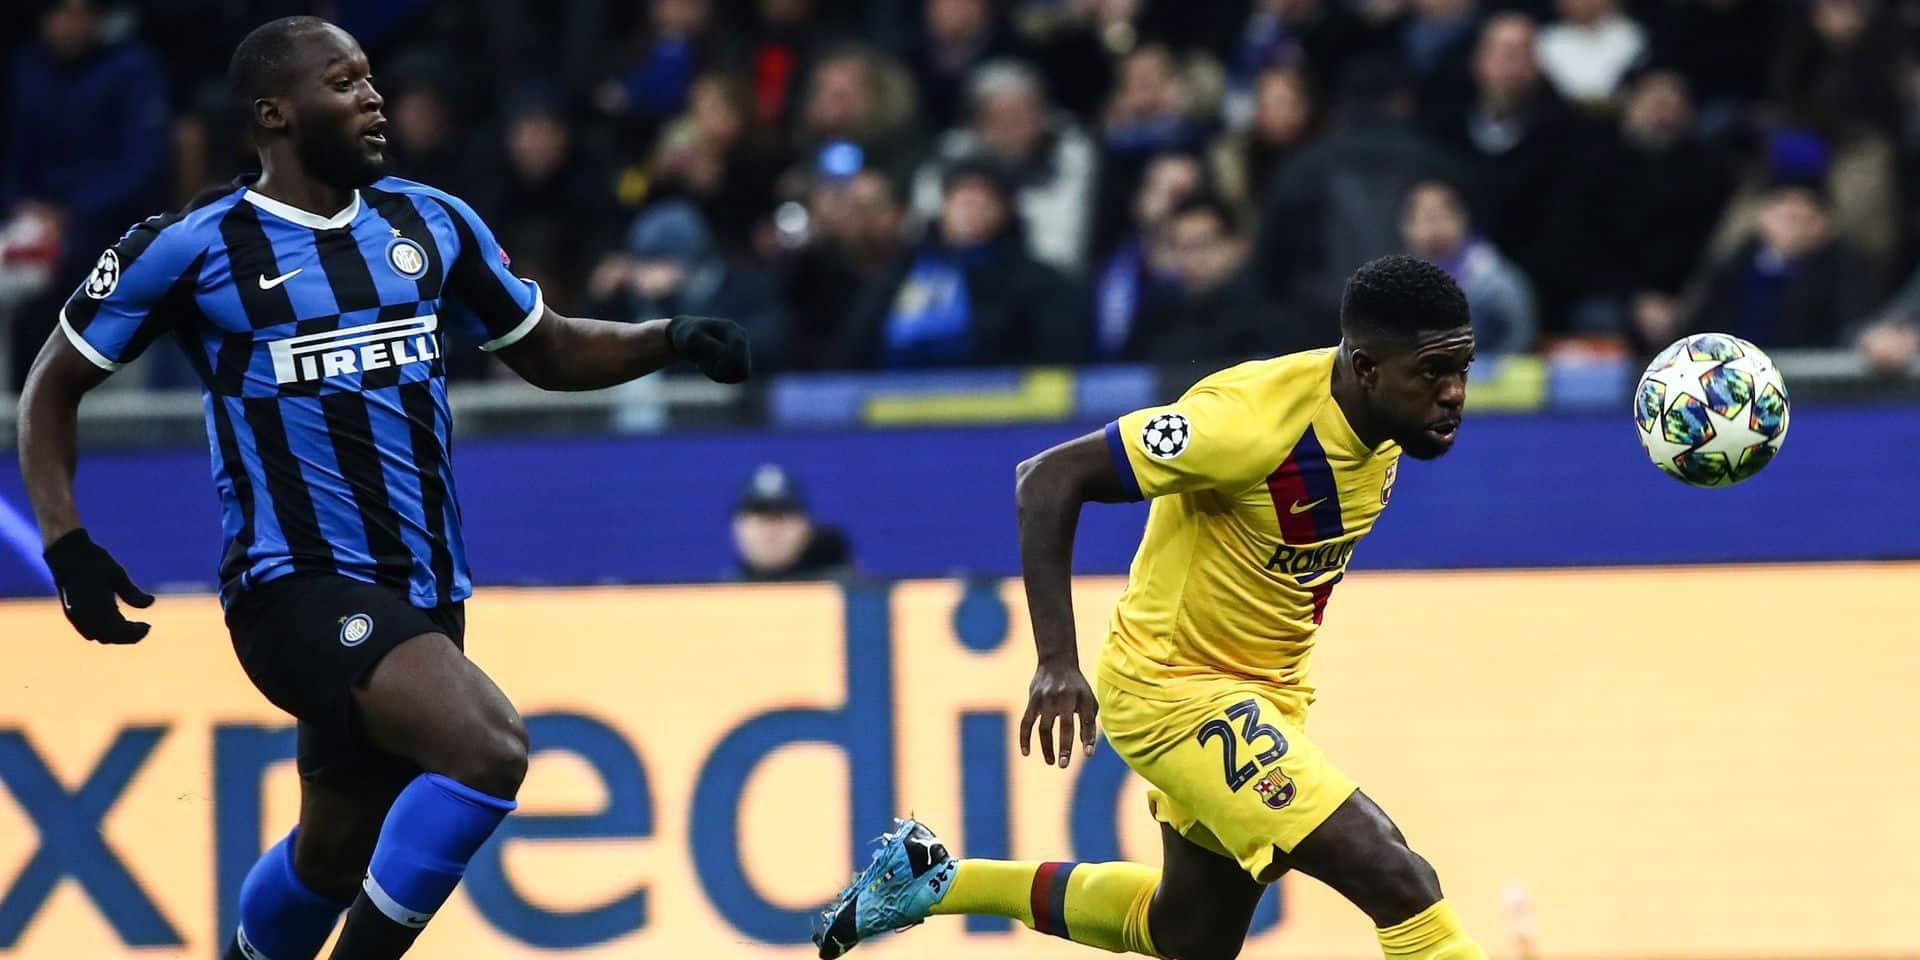 L'Inter et l'Ajax éliminés, Lyon et Dortmund passent: tous les résultats de la soirée de Ligue des Champions